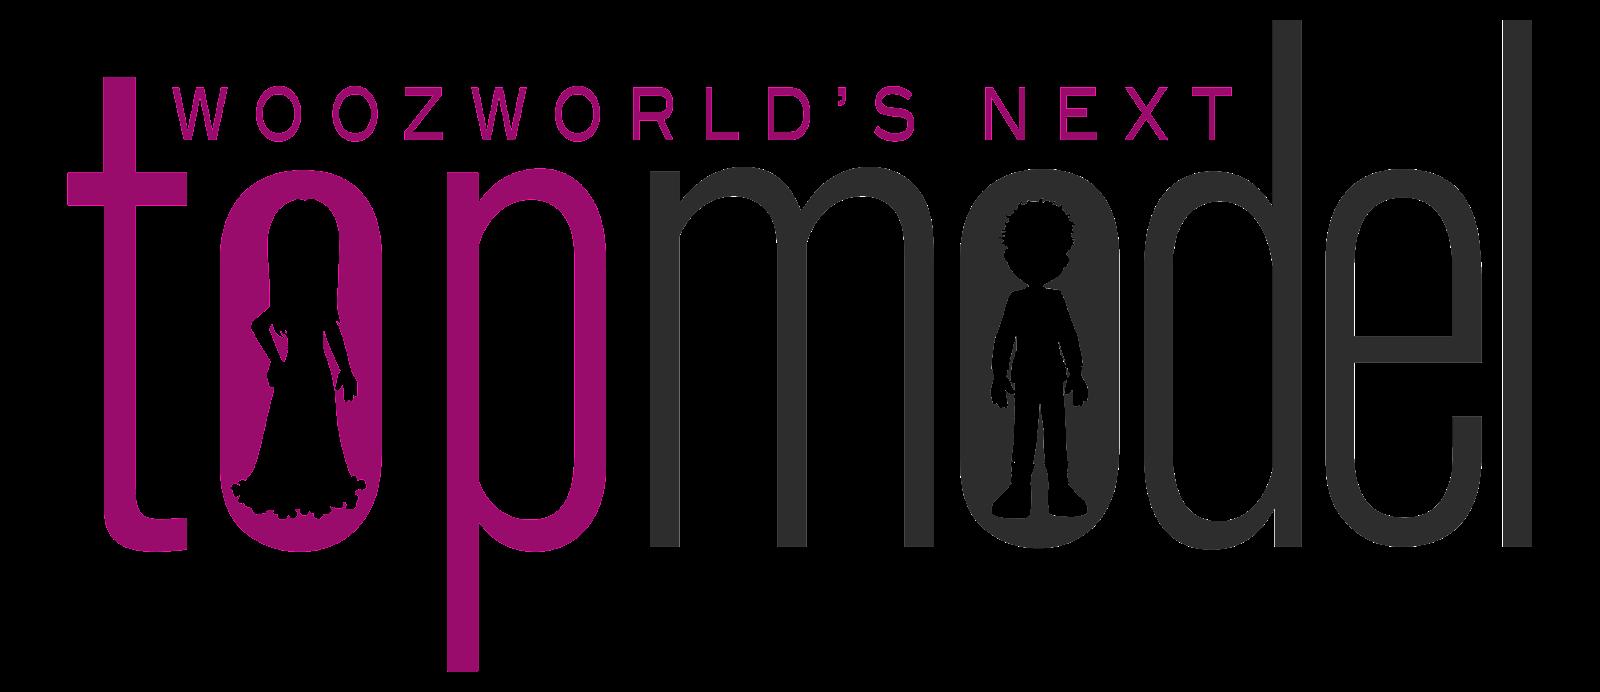 WNTM_concept_final.png